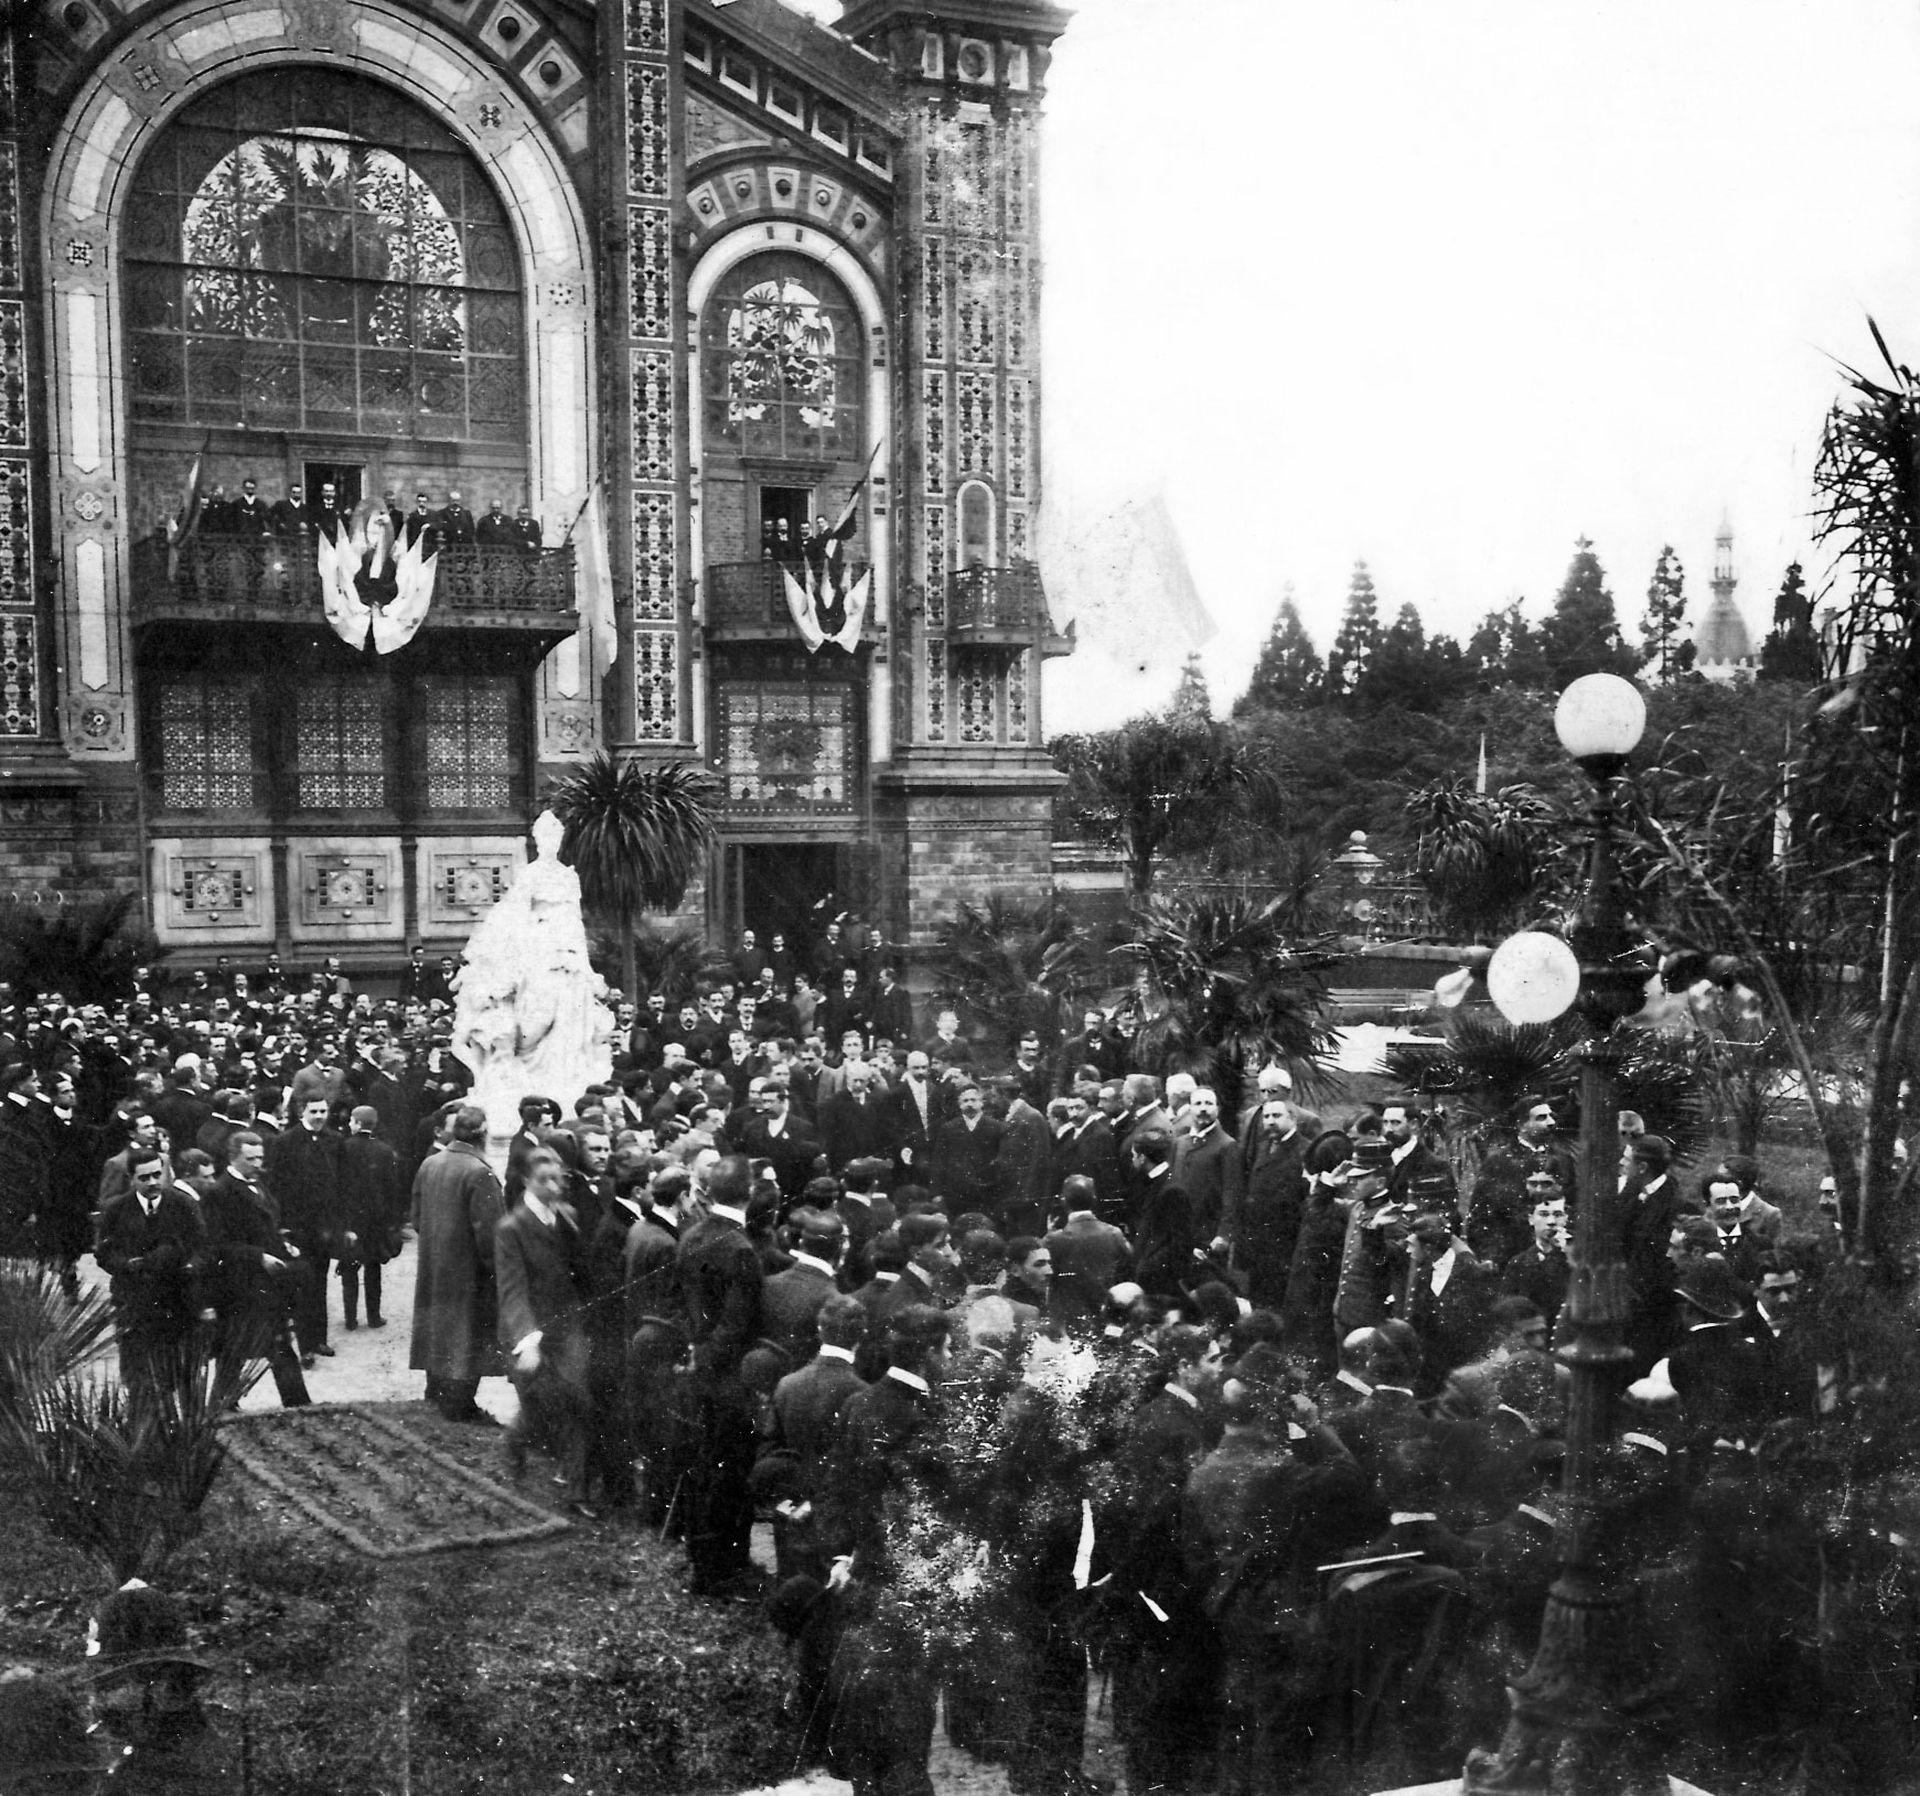 Recepción del ministro chileno Carlos Concha Subercaseaux, acompañado del Presidente Julio A. Roca. Mayo de 1903.